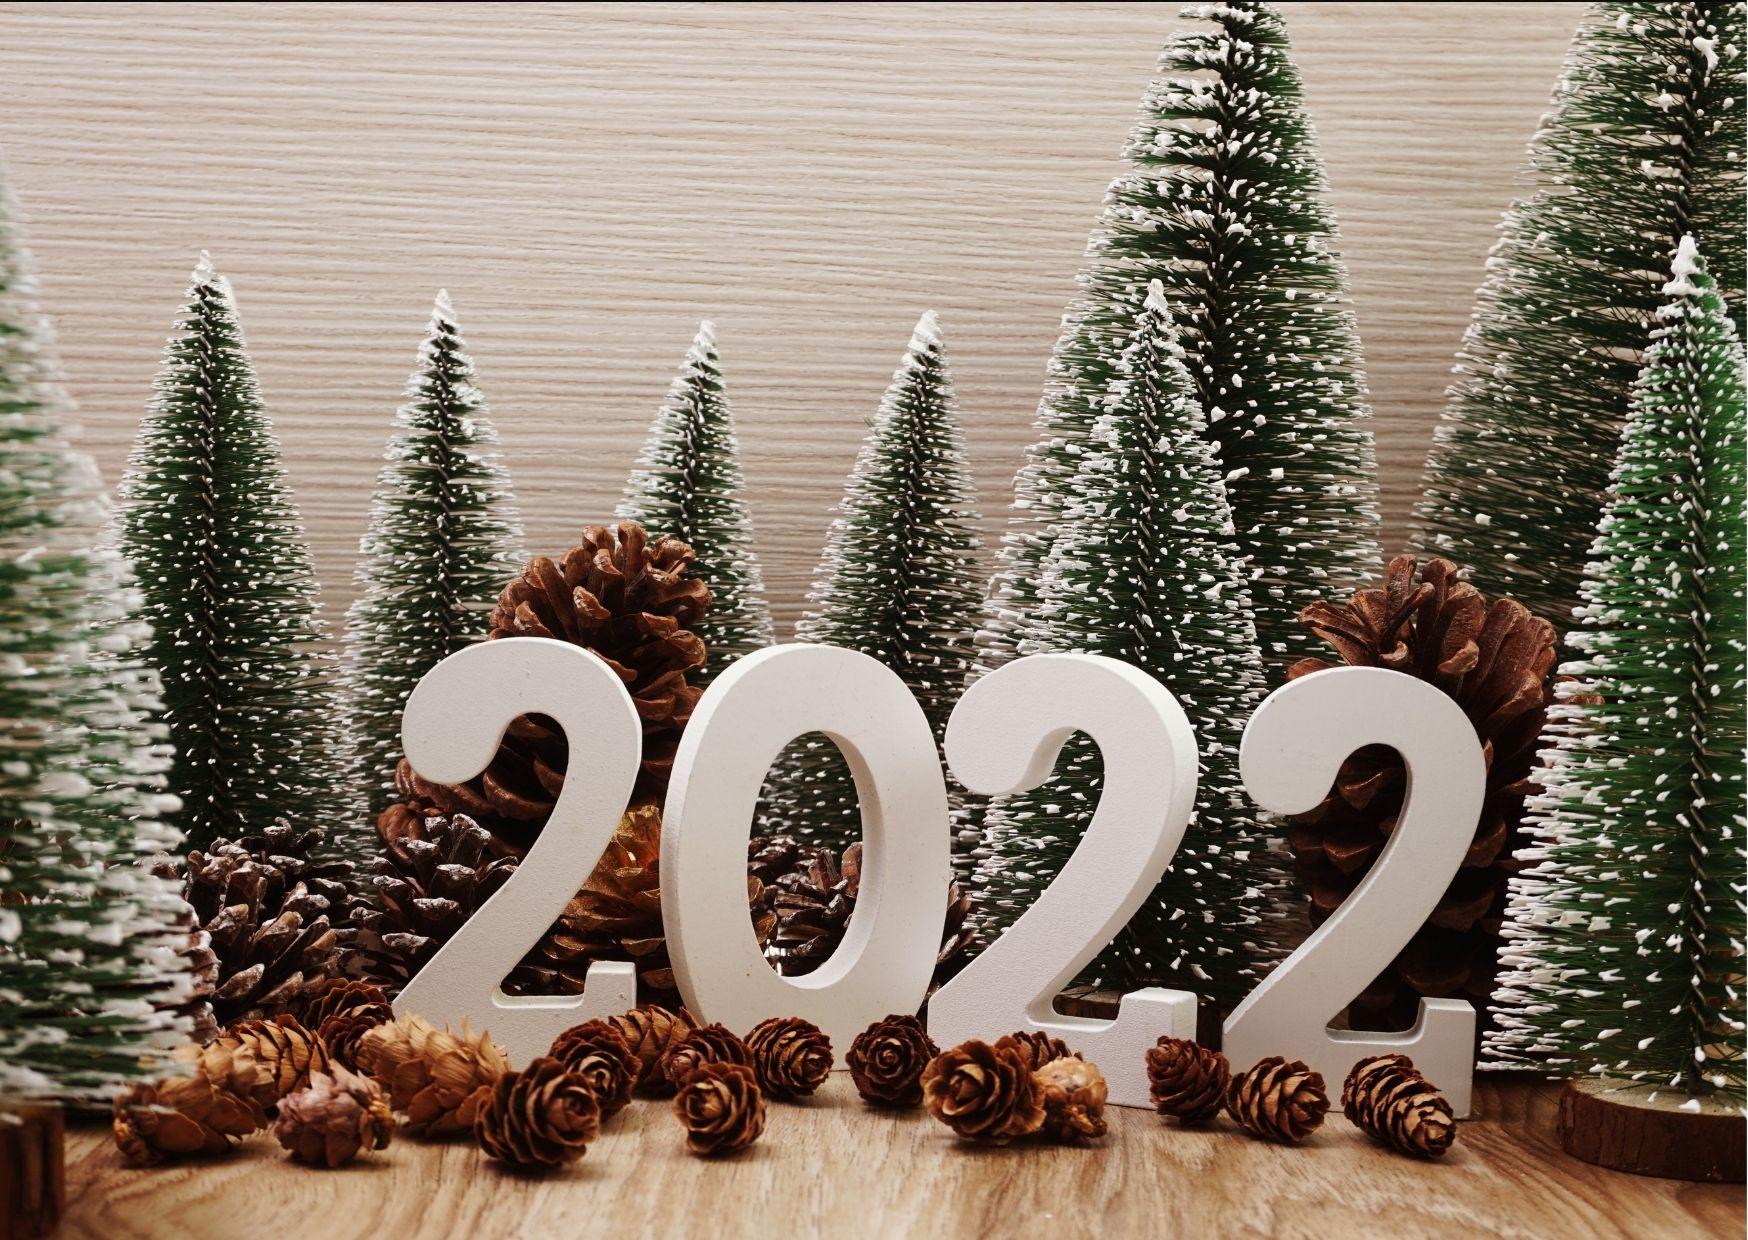 image gratuite bonne année 2022